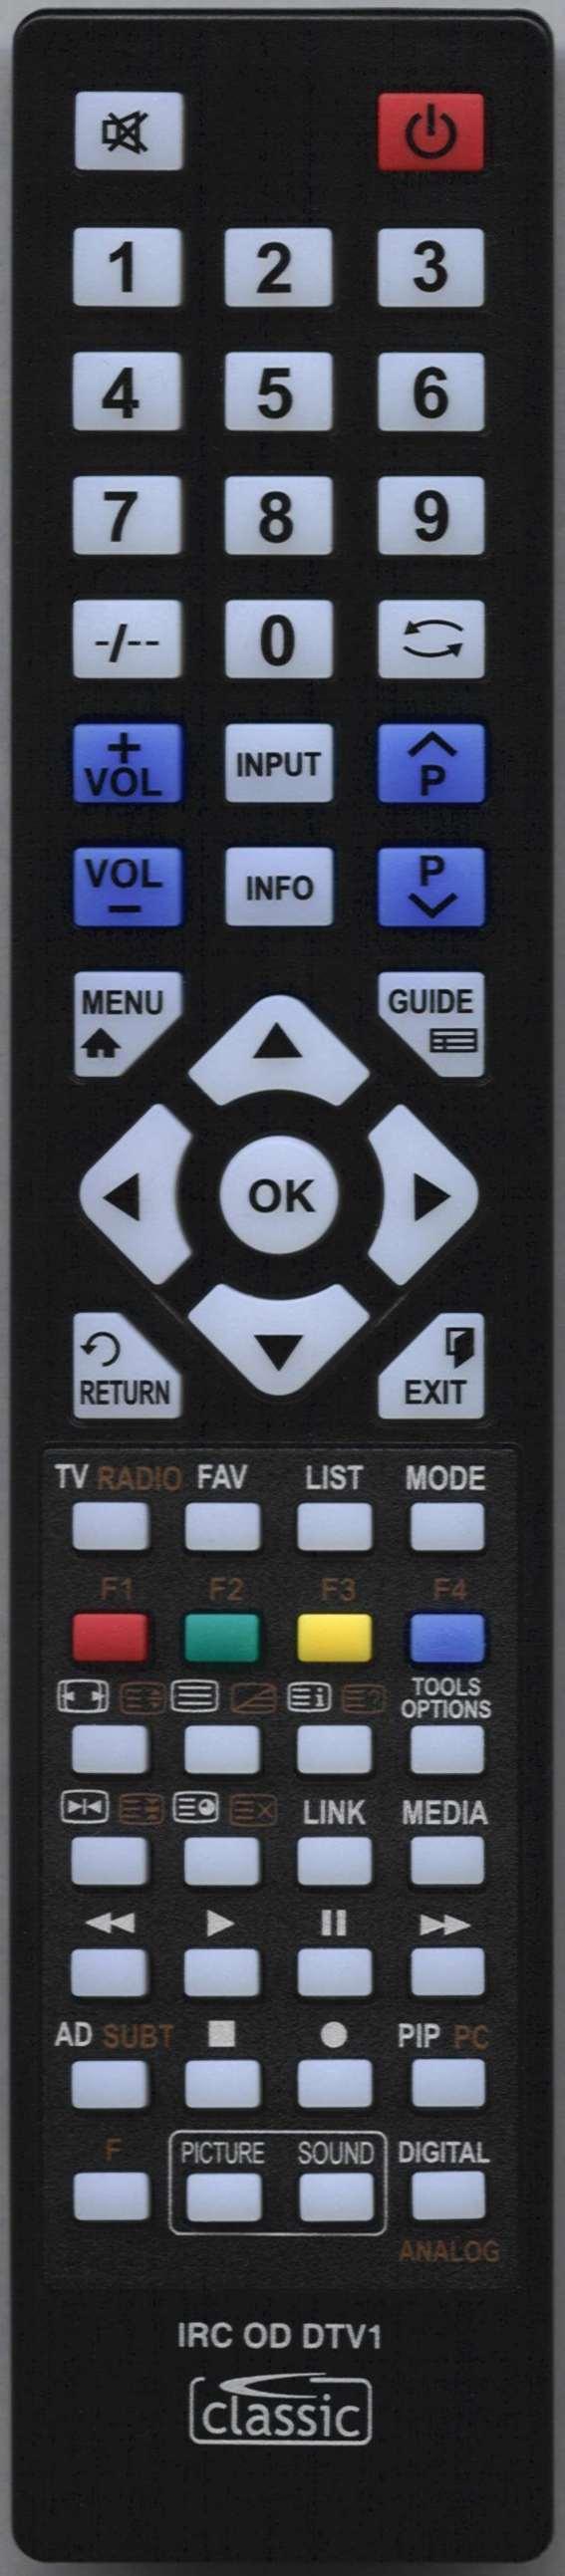 CELLO RCL09F Remote Control